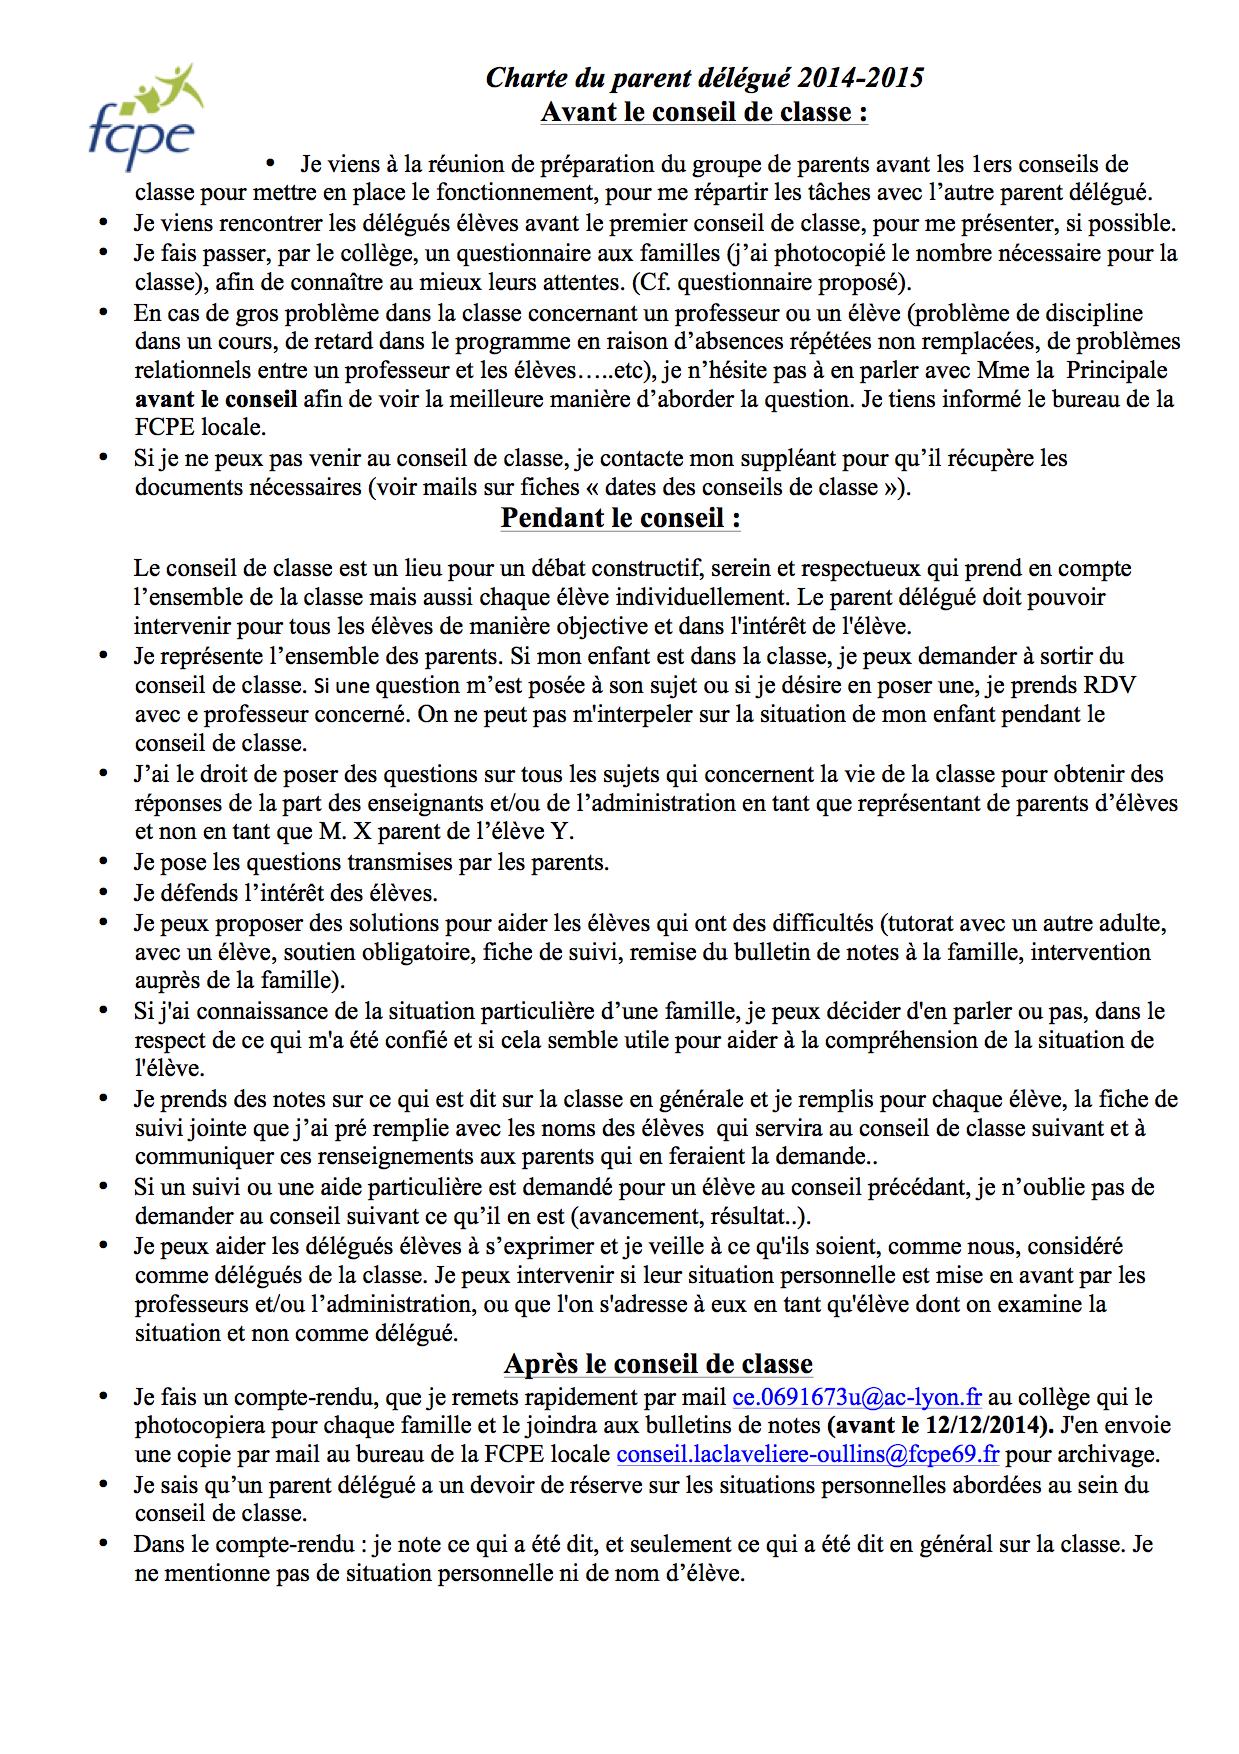 la_charte_du_parent